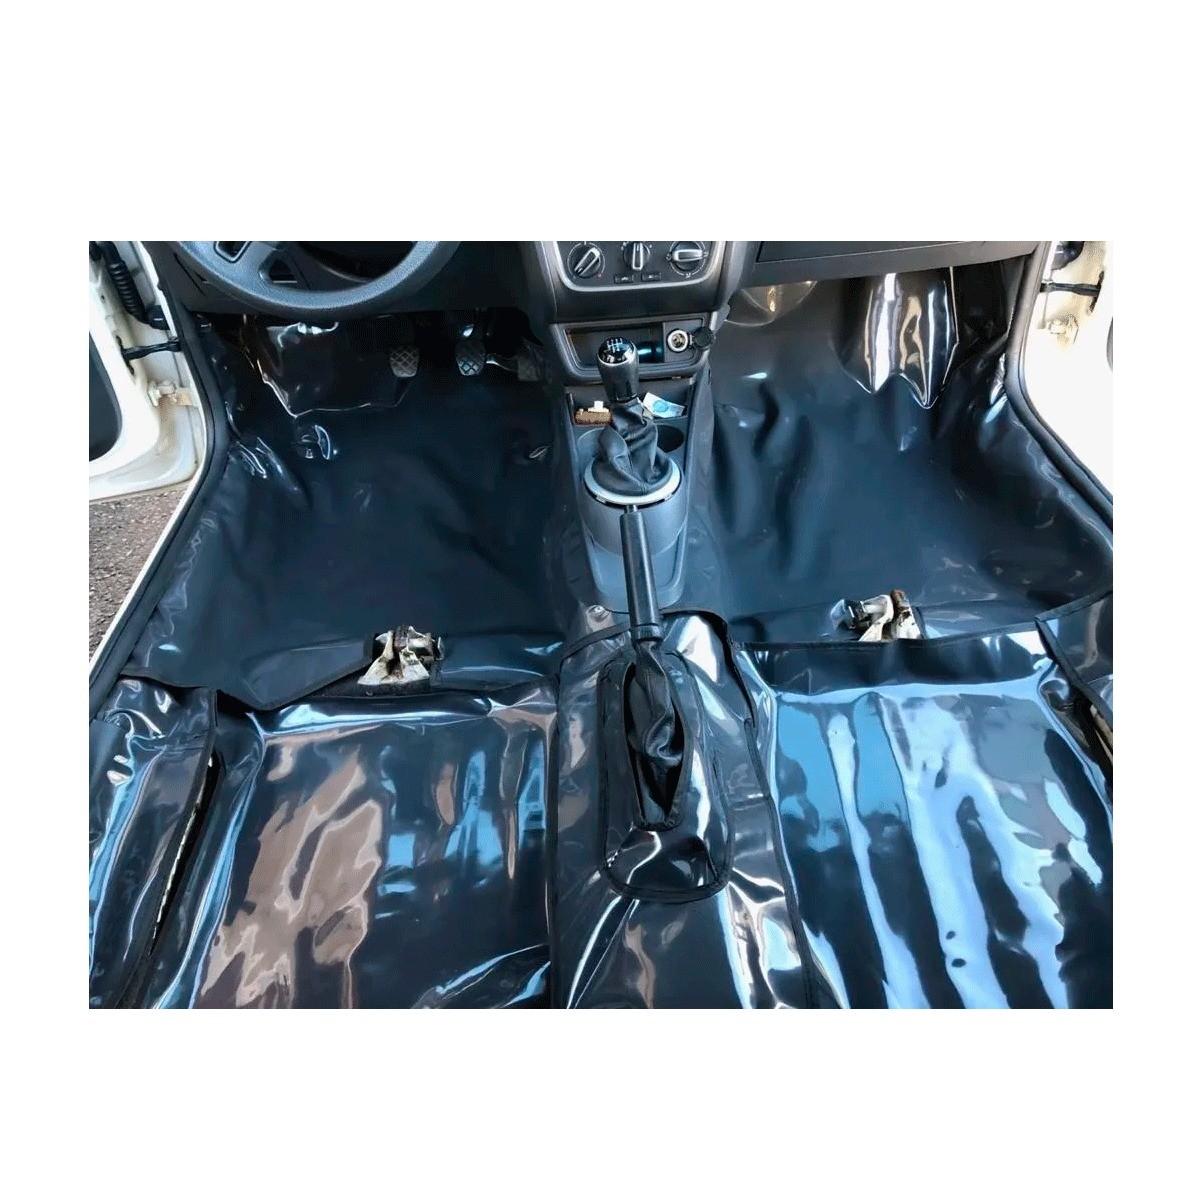 Tapete Proteção Assoalho do Renault  Duster 2011 a 2014 em Vinil Verniz Impermeável